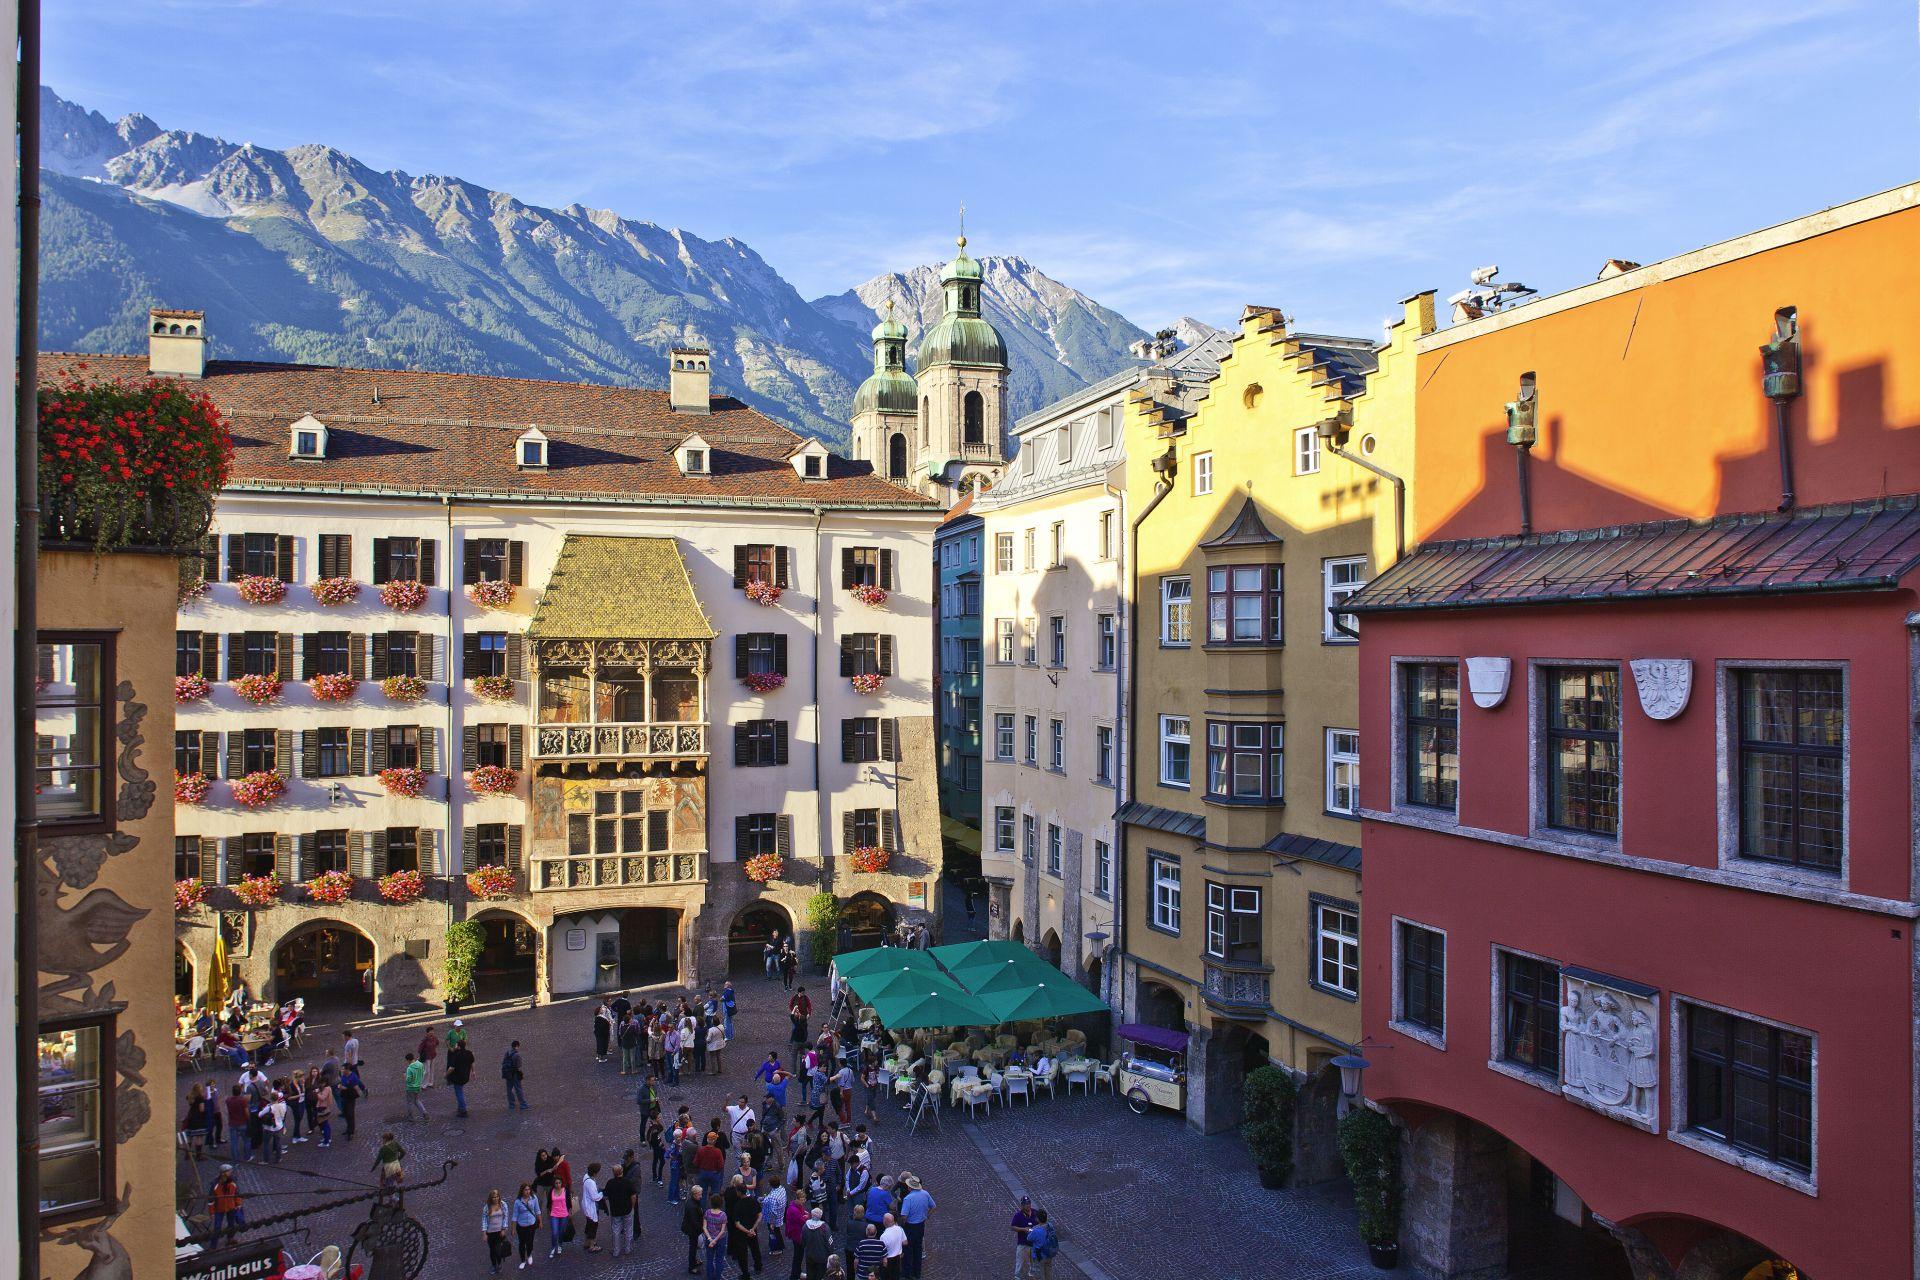 Das Goldene Dachl ist die beliebteste Sehenswürdigkeit Innsbrucks. (Foto: Innsbruck Tourismus/Christof Lackner)